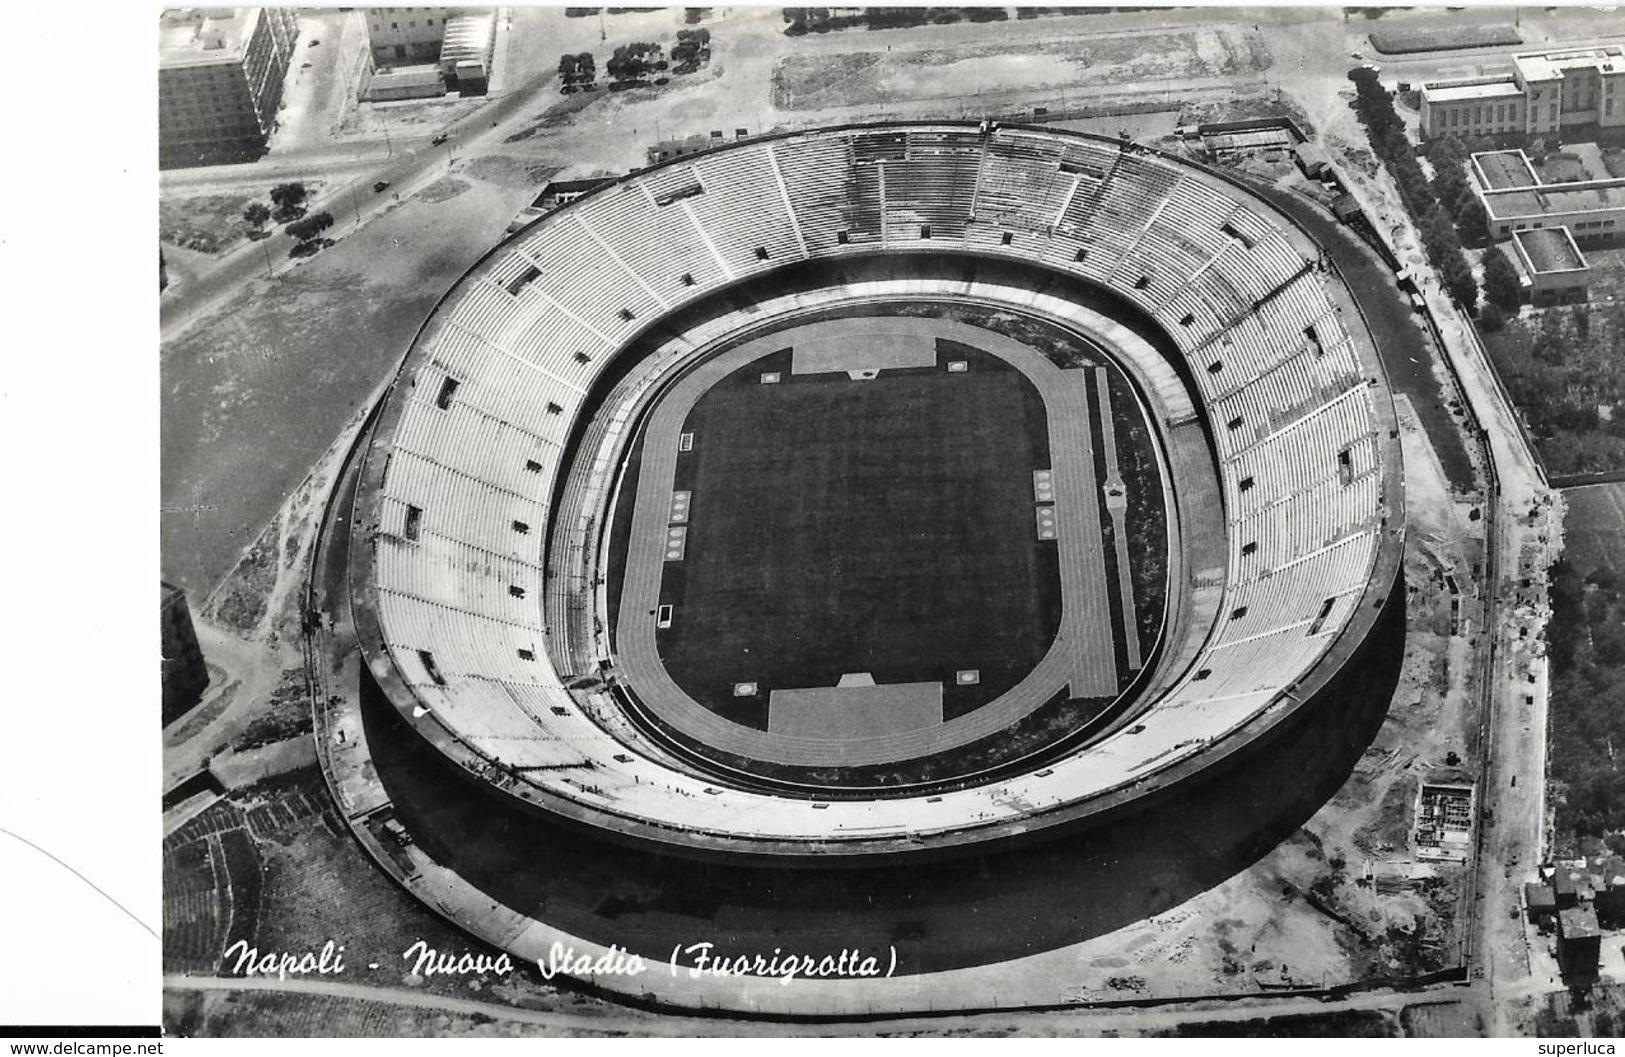 6-NAPOLI-NUOVO STADIO(FUORIGROTTA) - Calcio